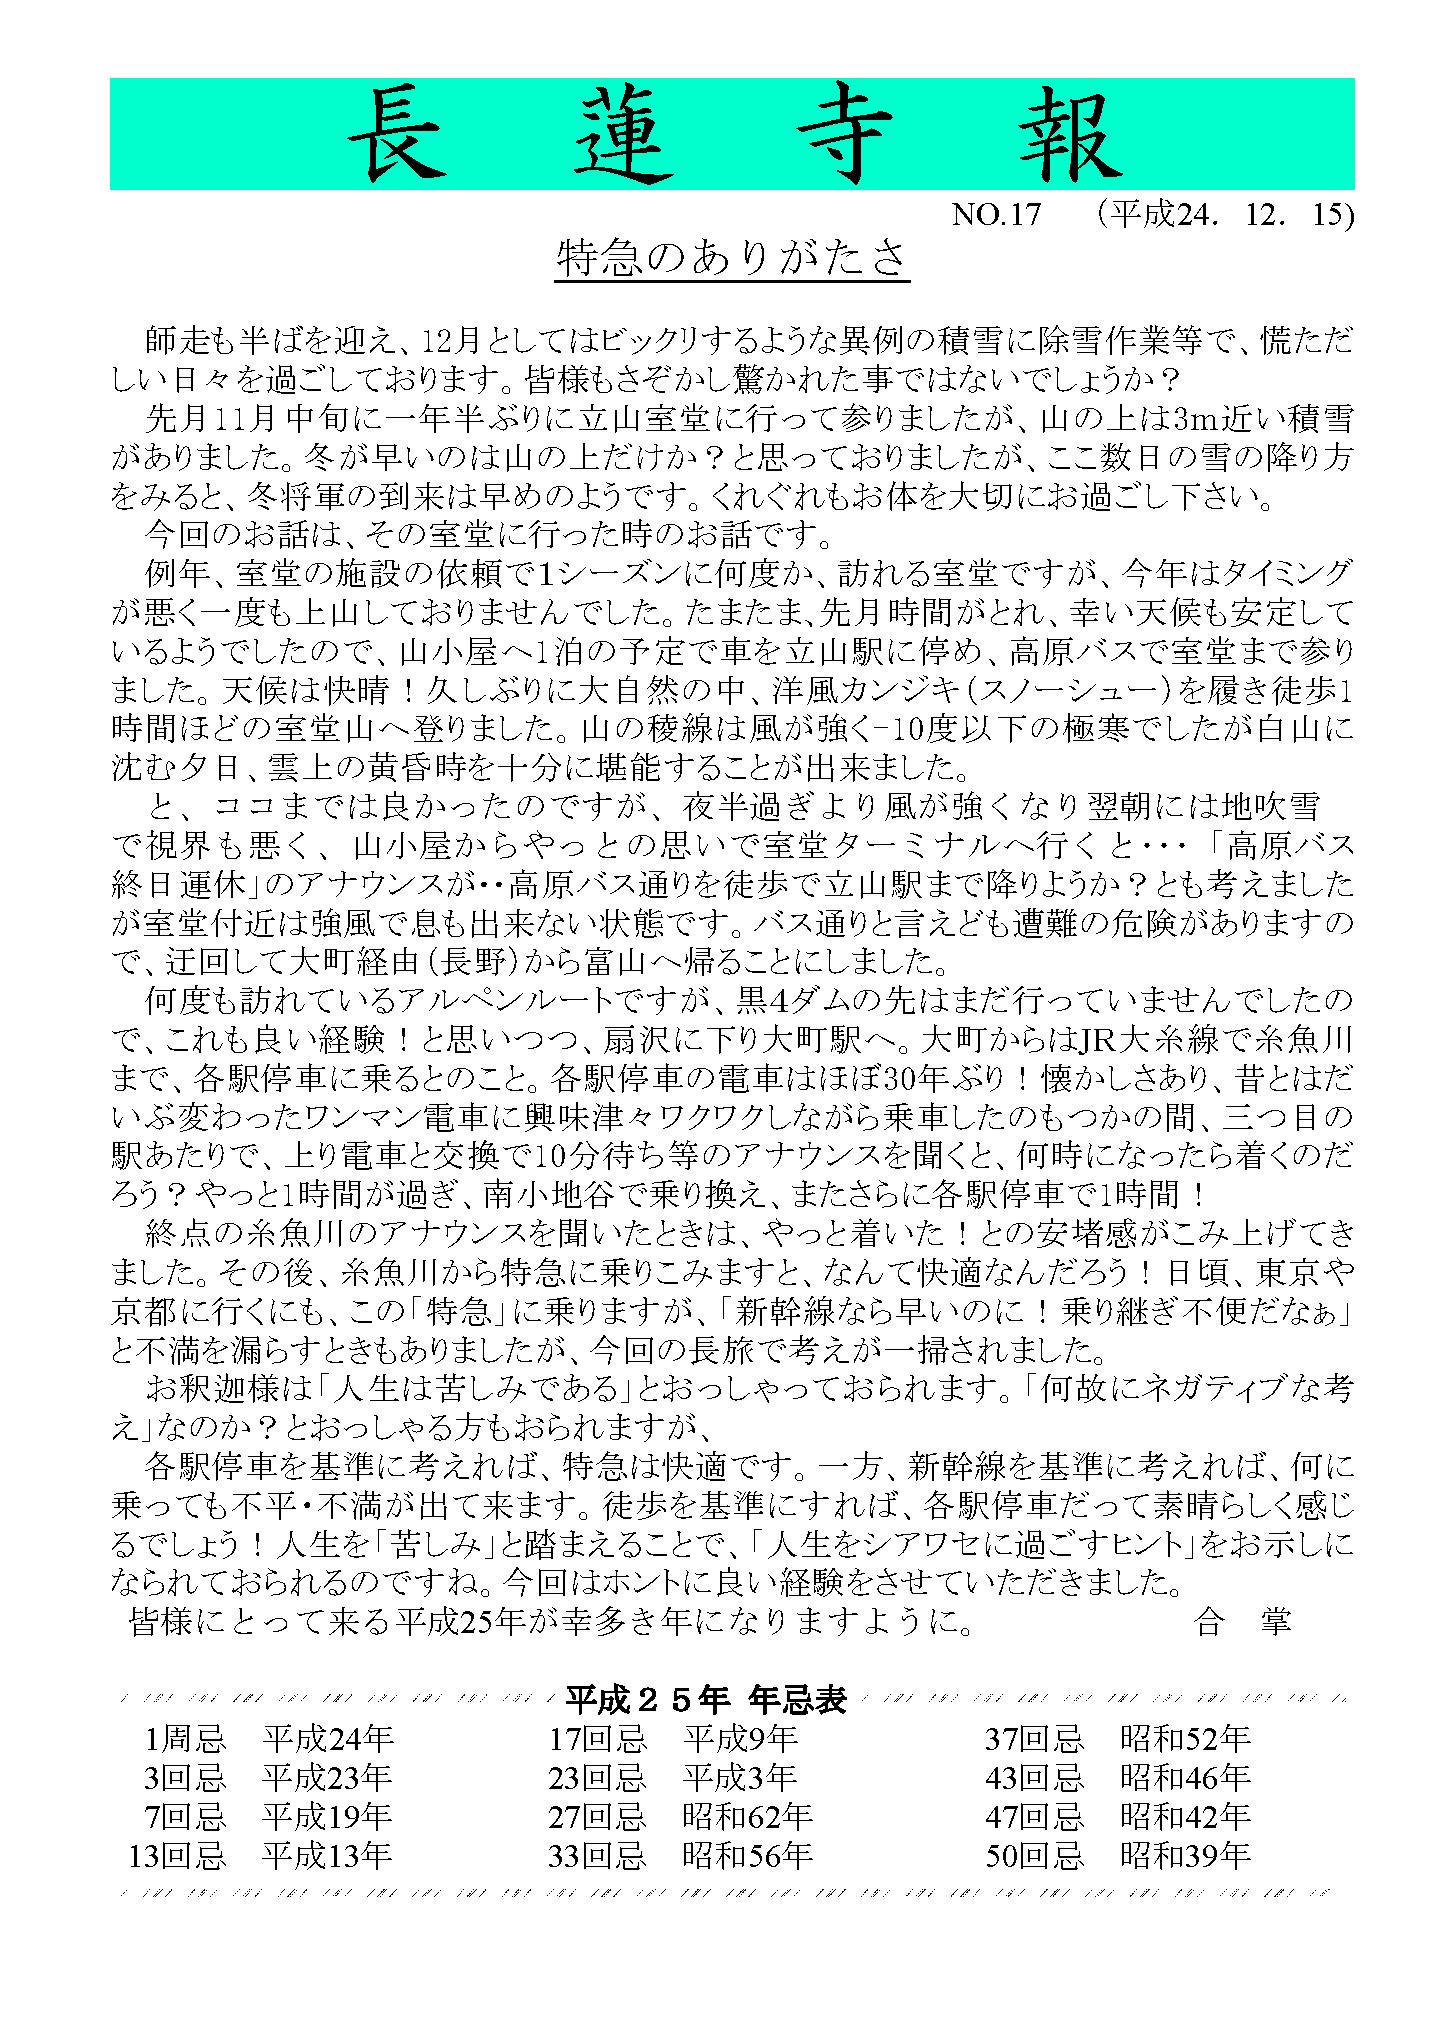 長蓮寺報No.17